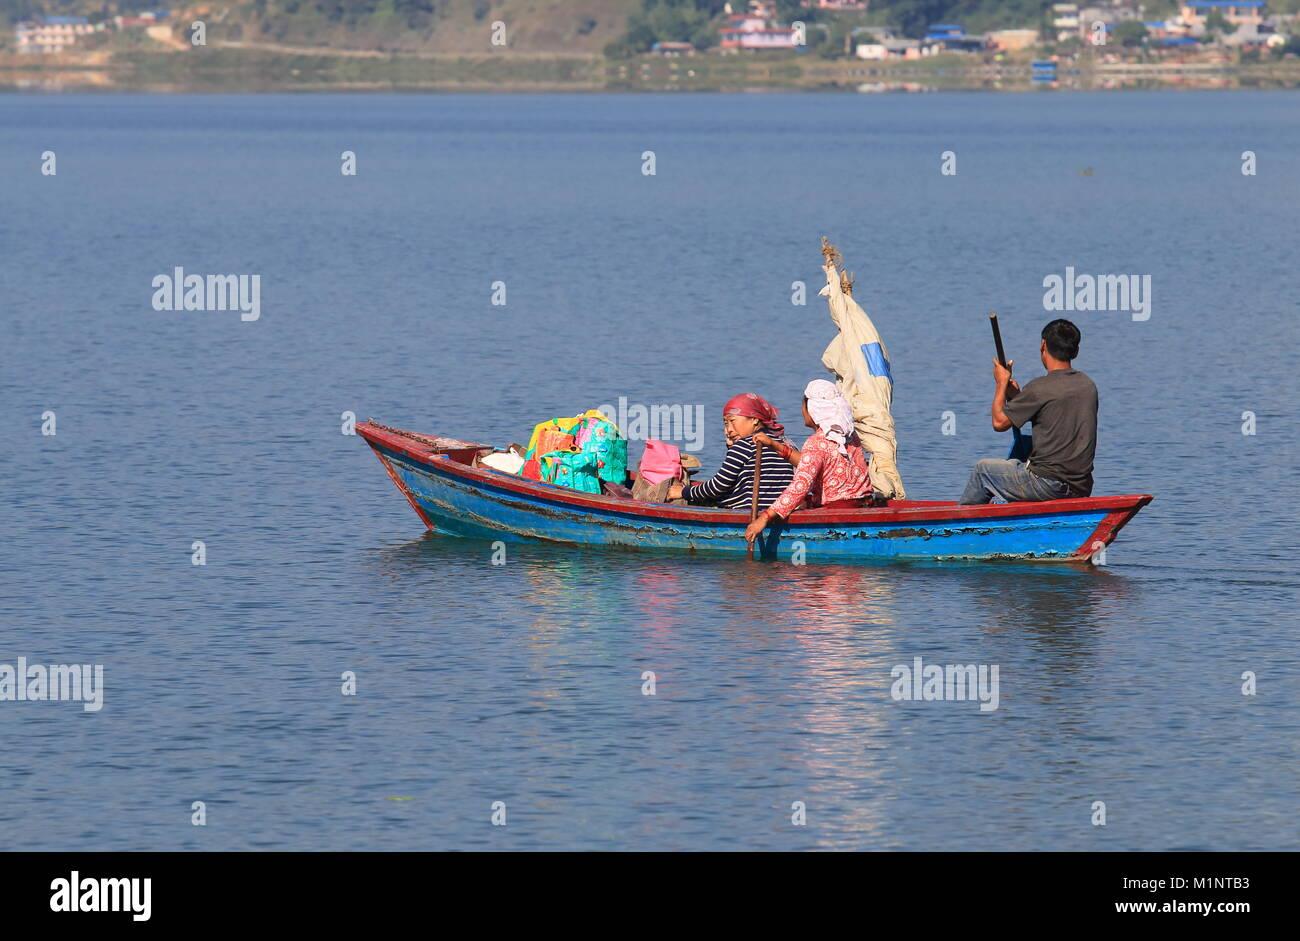 People sail in Fhewa lake Pokhara Nepal. - Stock Image